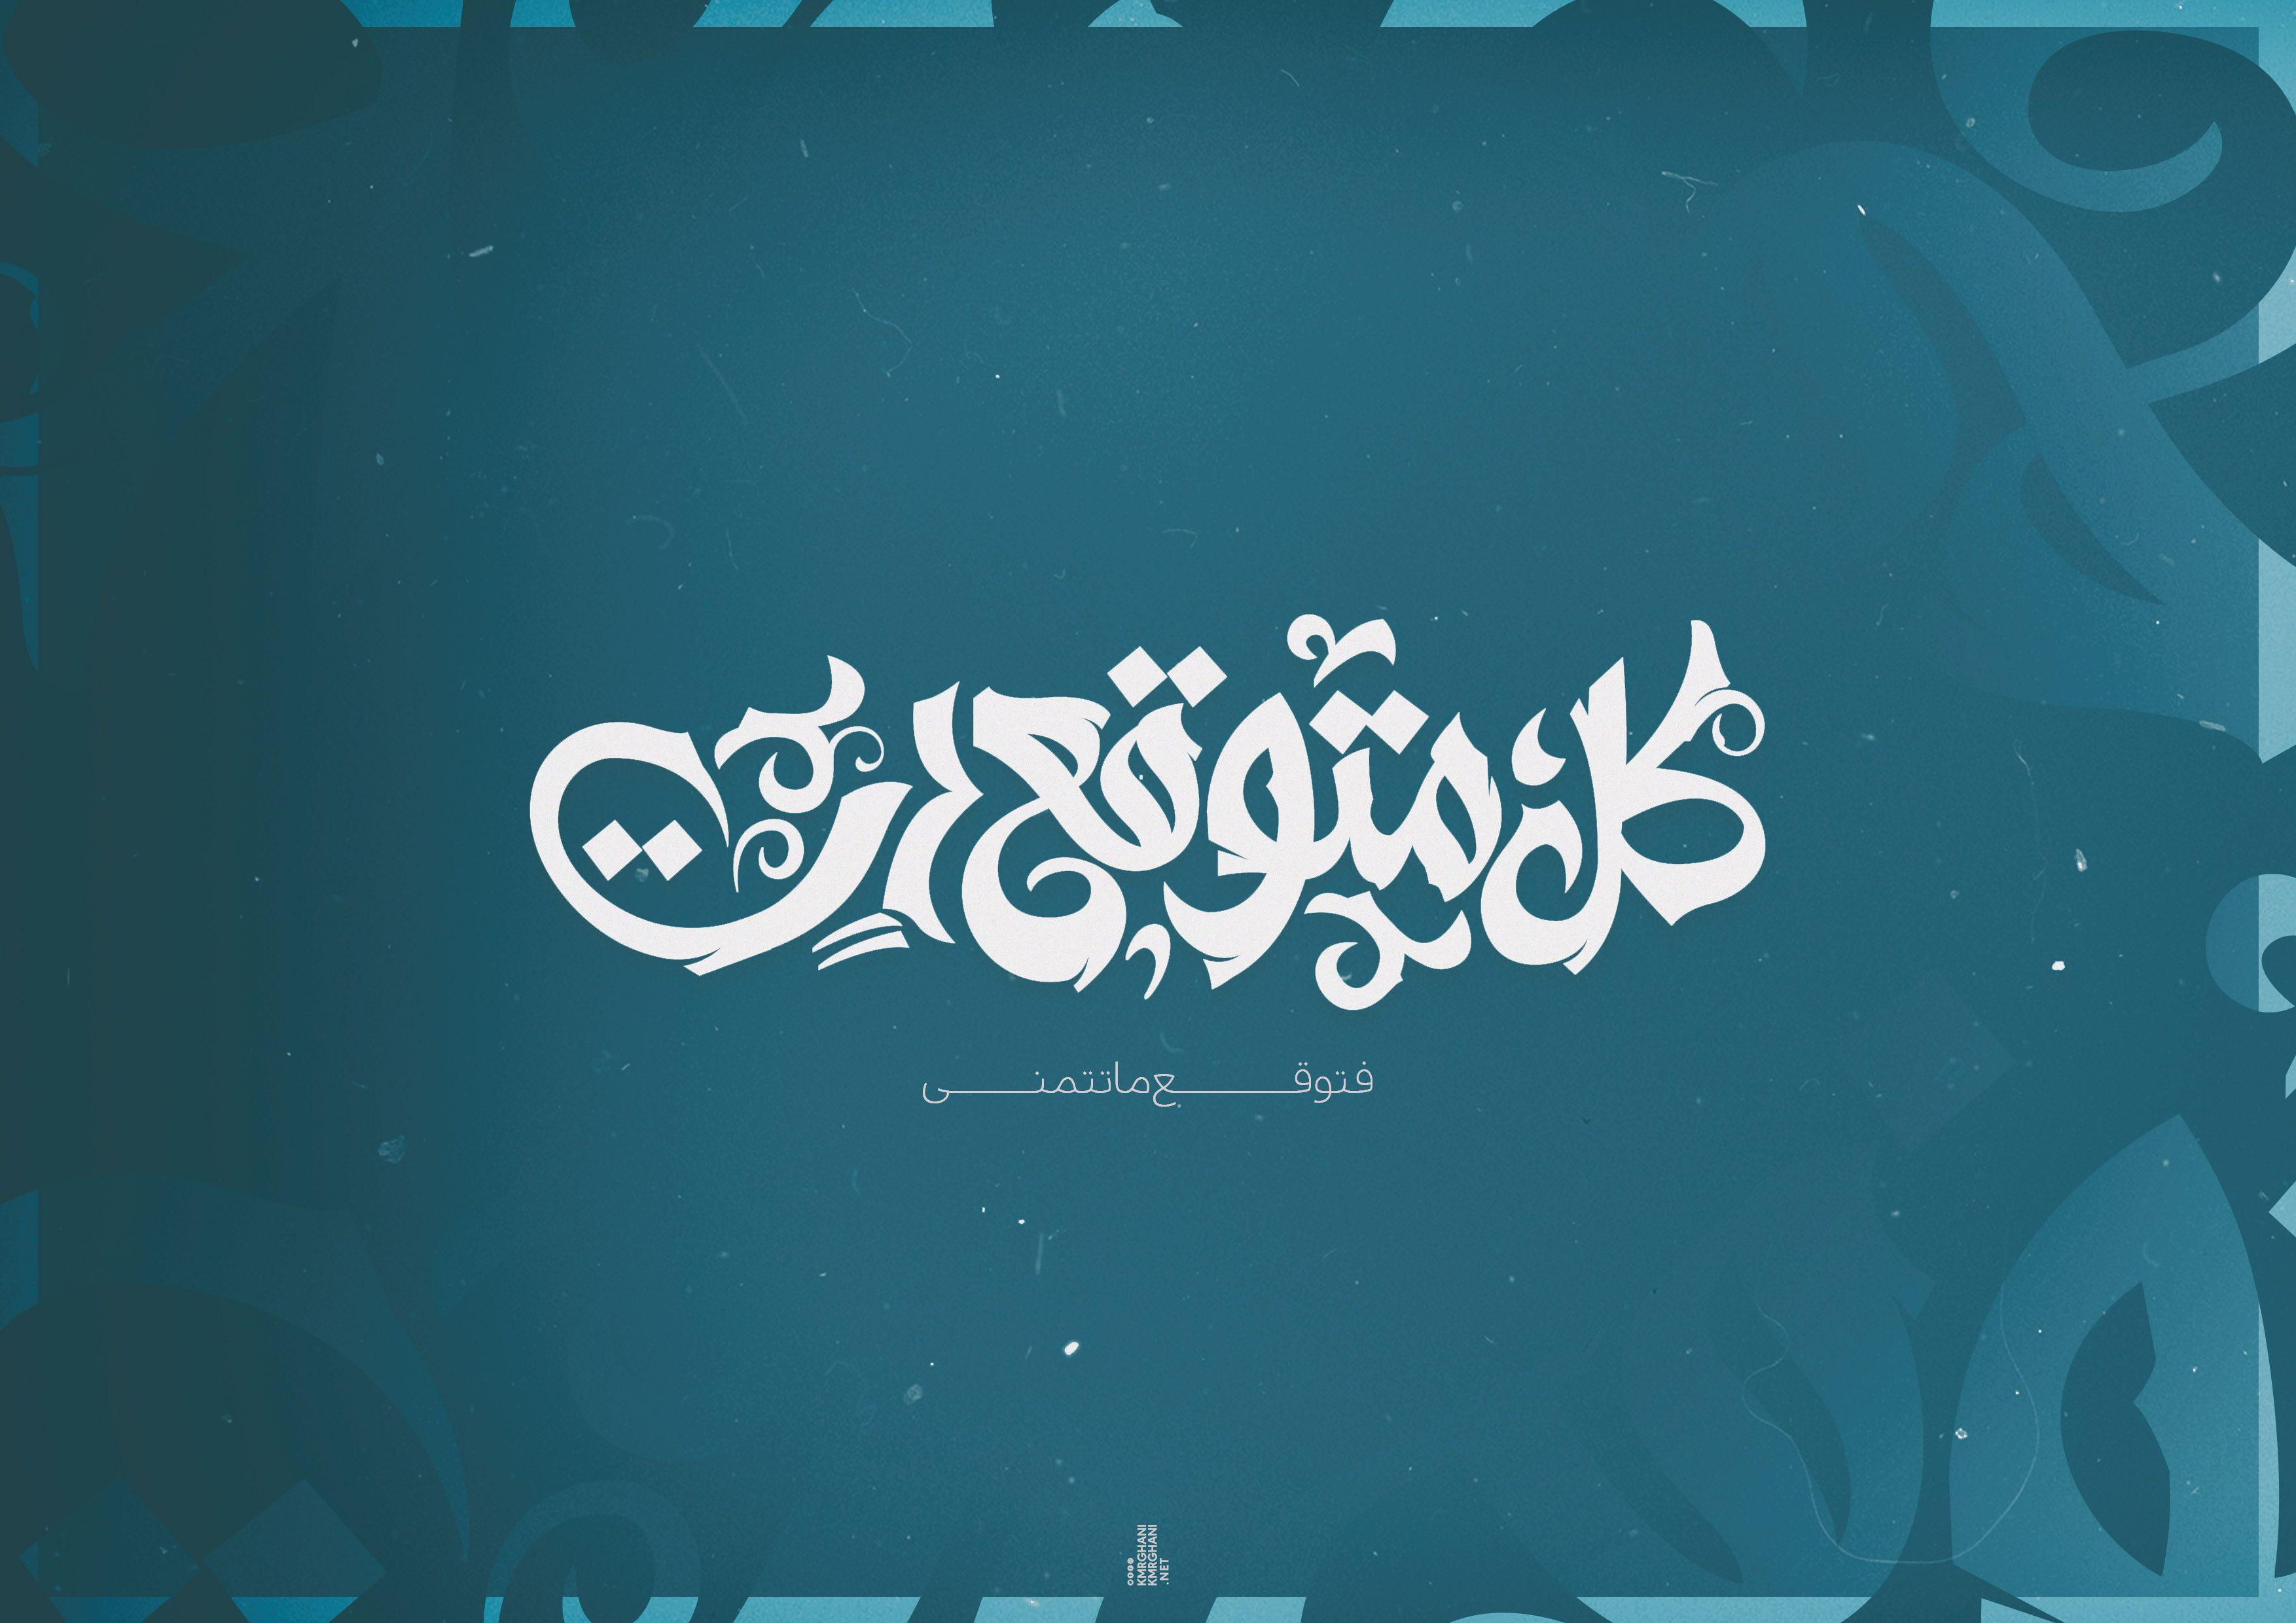 كل متوقع آت فتوقع ما تتمني Mandala Design Art Typography Mandala Design